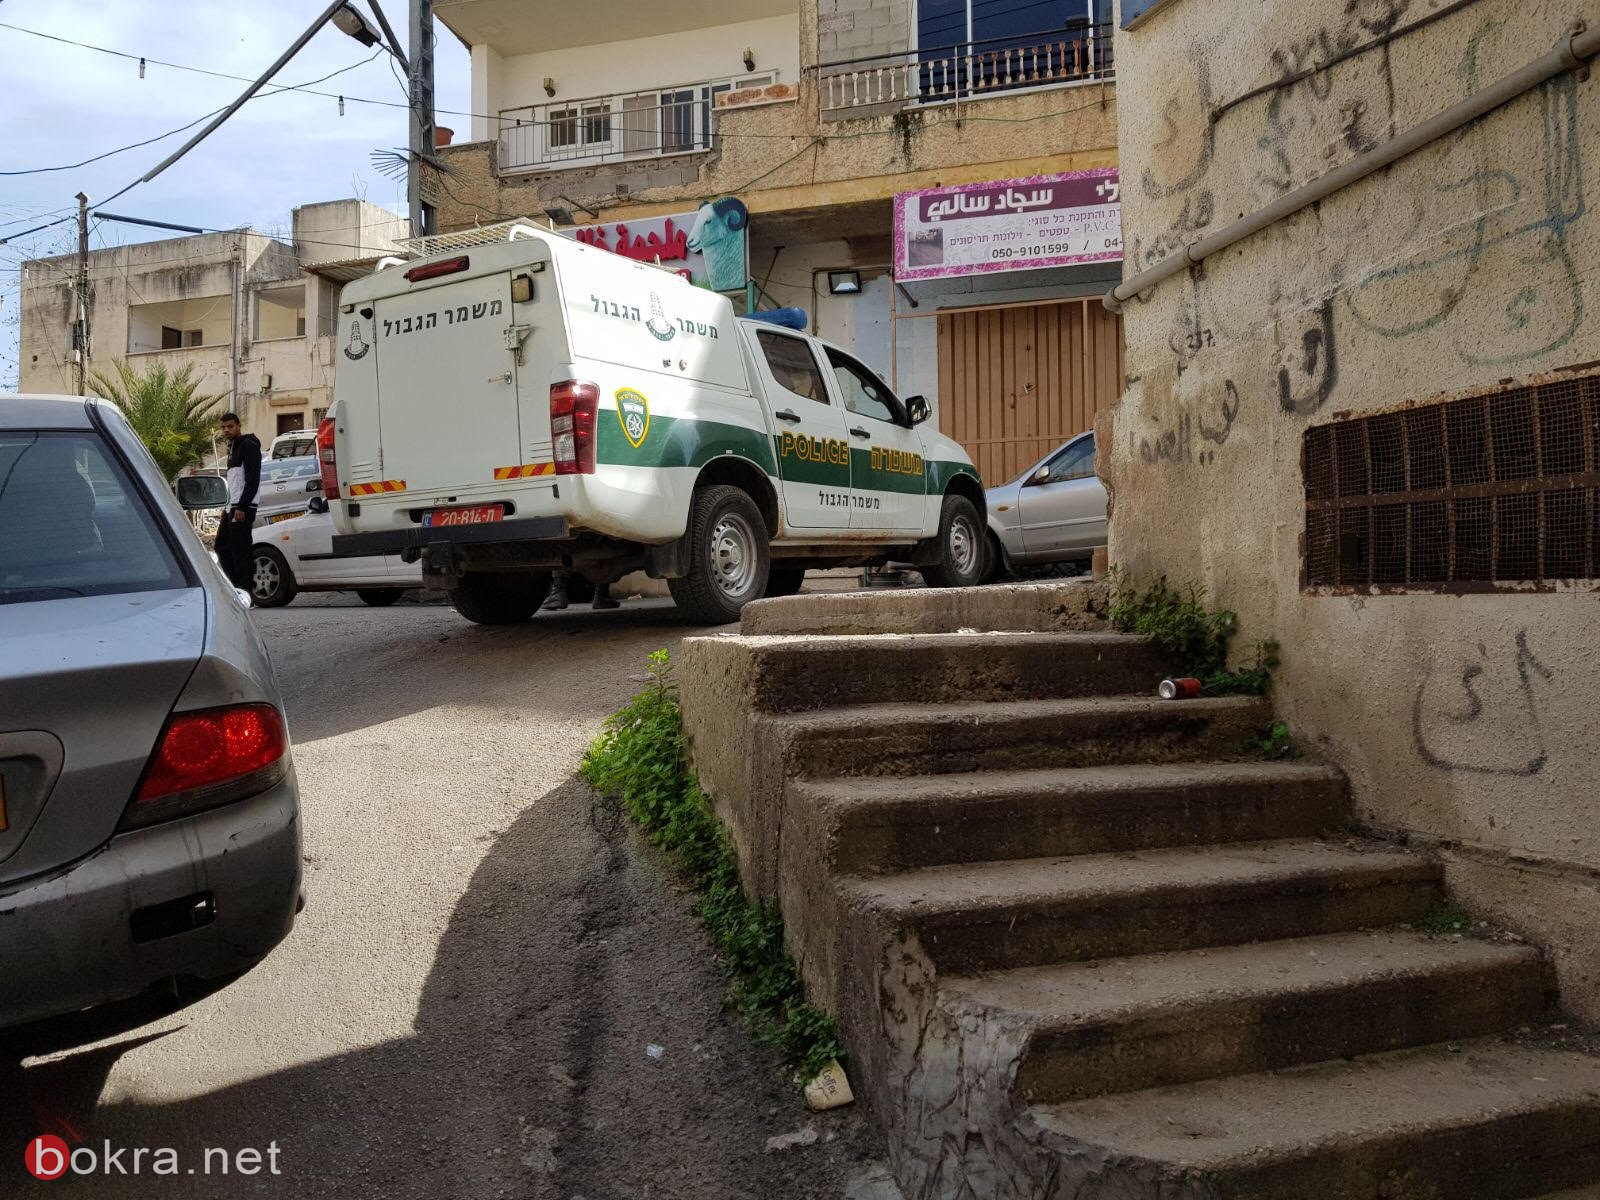 ام الفحم: اصابة بالغة لشاب بعد تعرضه لاطلاق النار